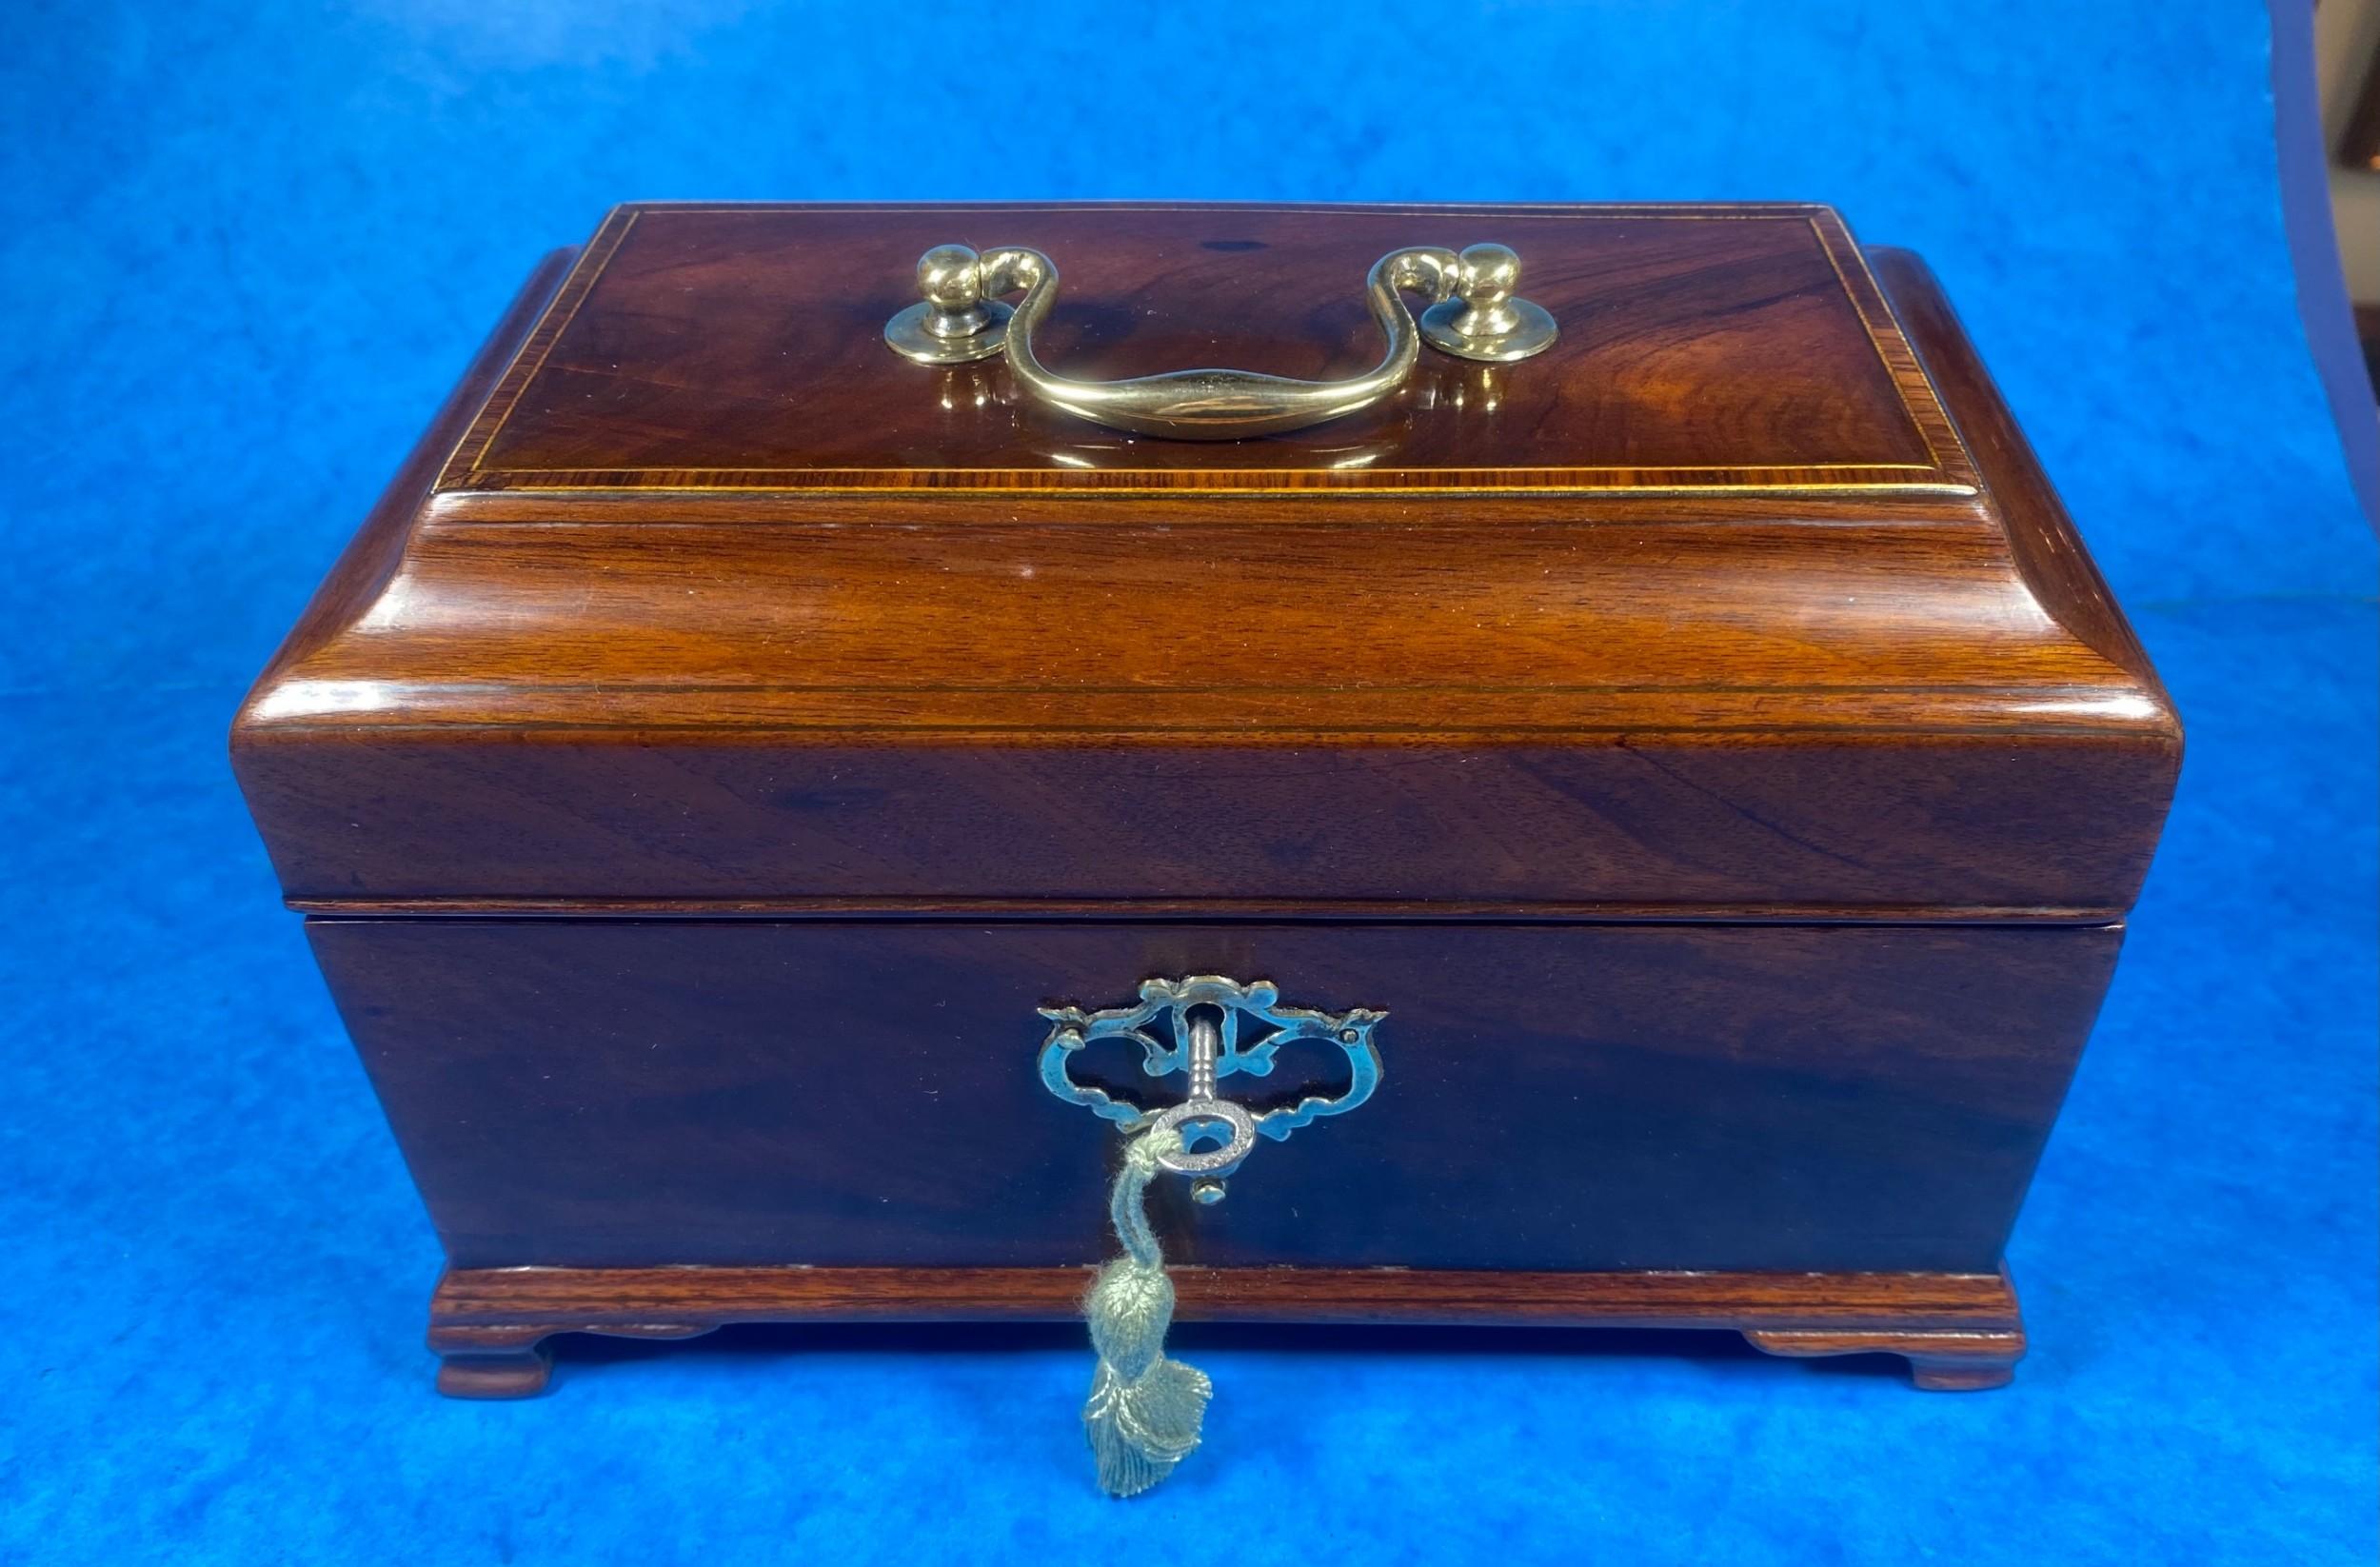 18th century mahogany triple section tea caddy